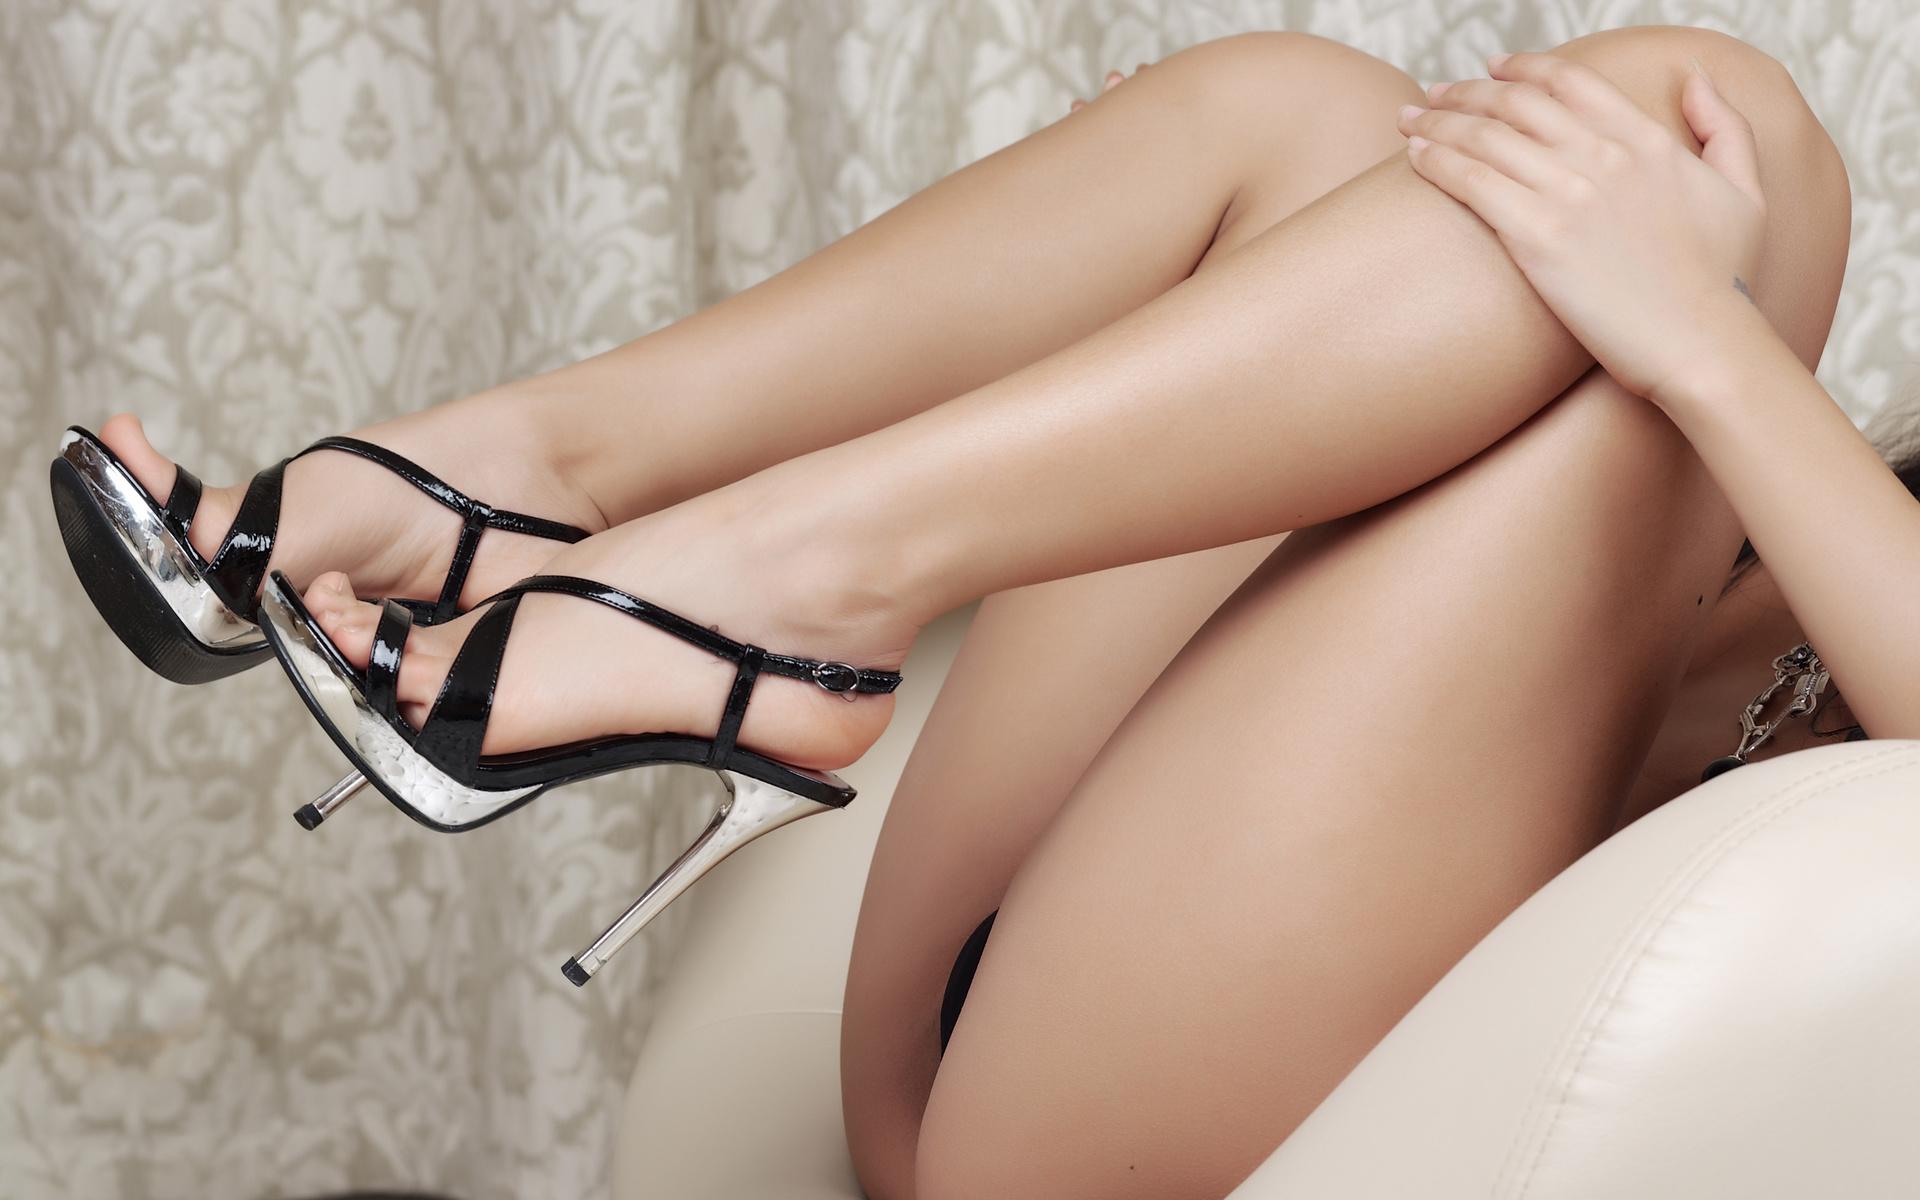 Сексуальные женские попы согнув ноги фото 23 фотография